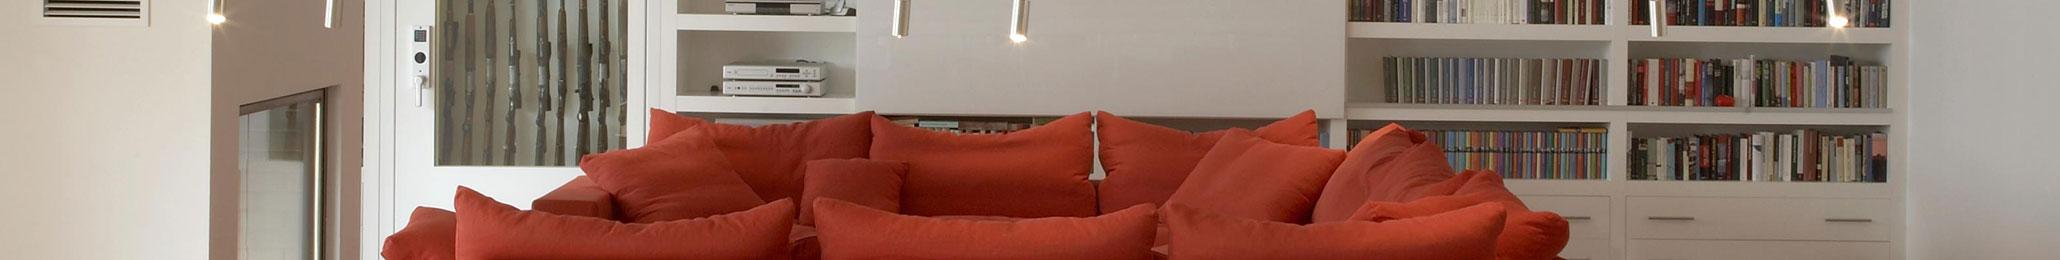 Moderne Wohnküche mit Essbereich und Paschenbibliothek mit Waffenschrank, Holzlager, TV verdeckt und Bücherwand